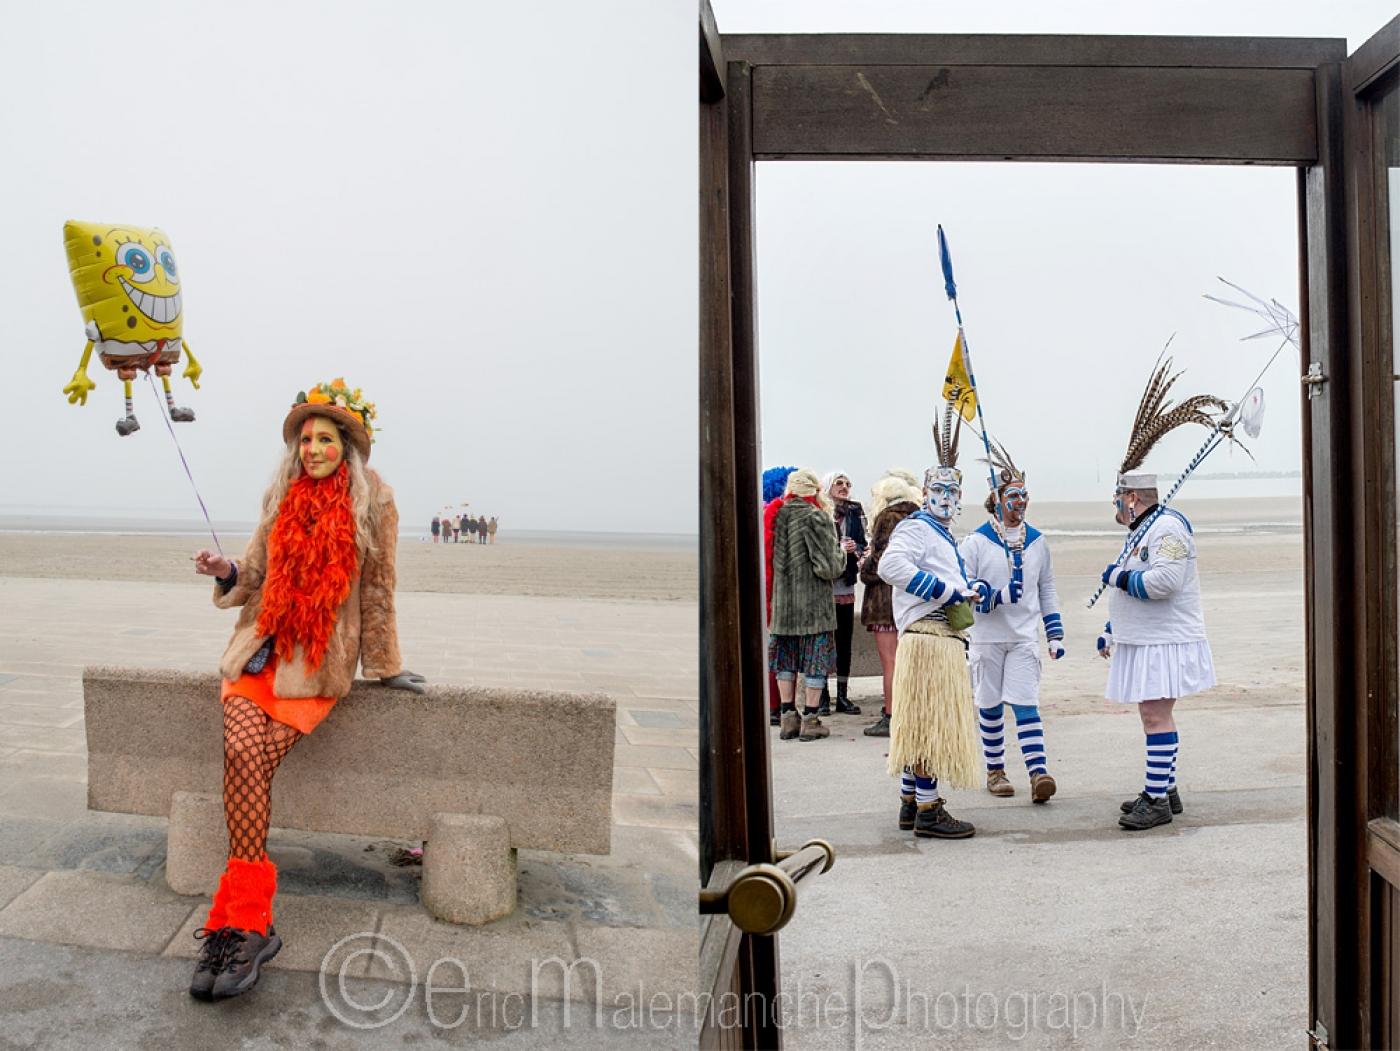 http://www.ericmalemanche.com/imagess/topics/carnaval-de-dunkerque/liste/Carnaval-Dunkerque-5727.jpg